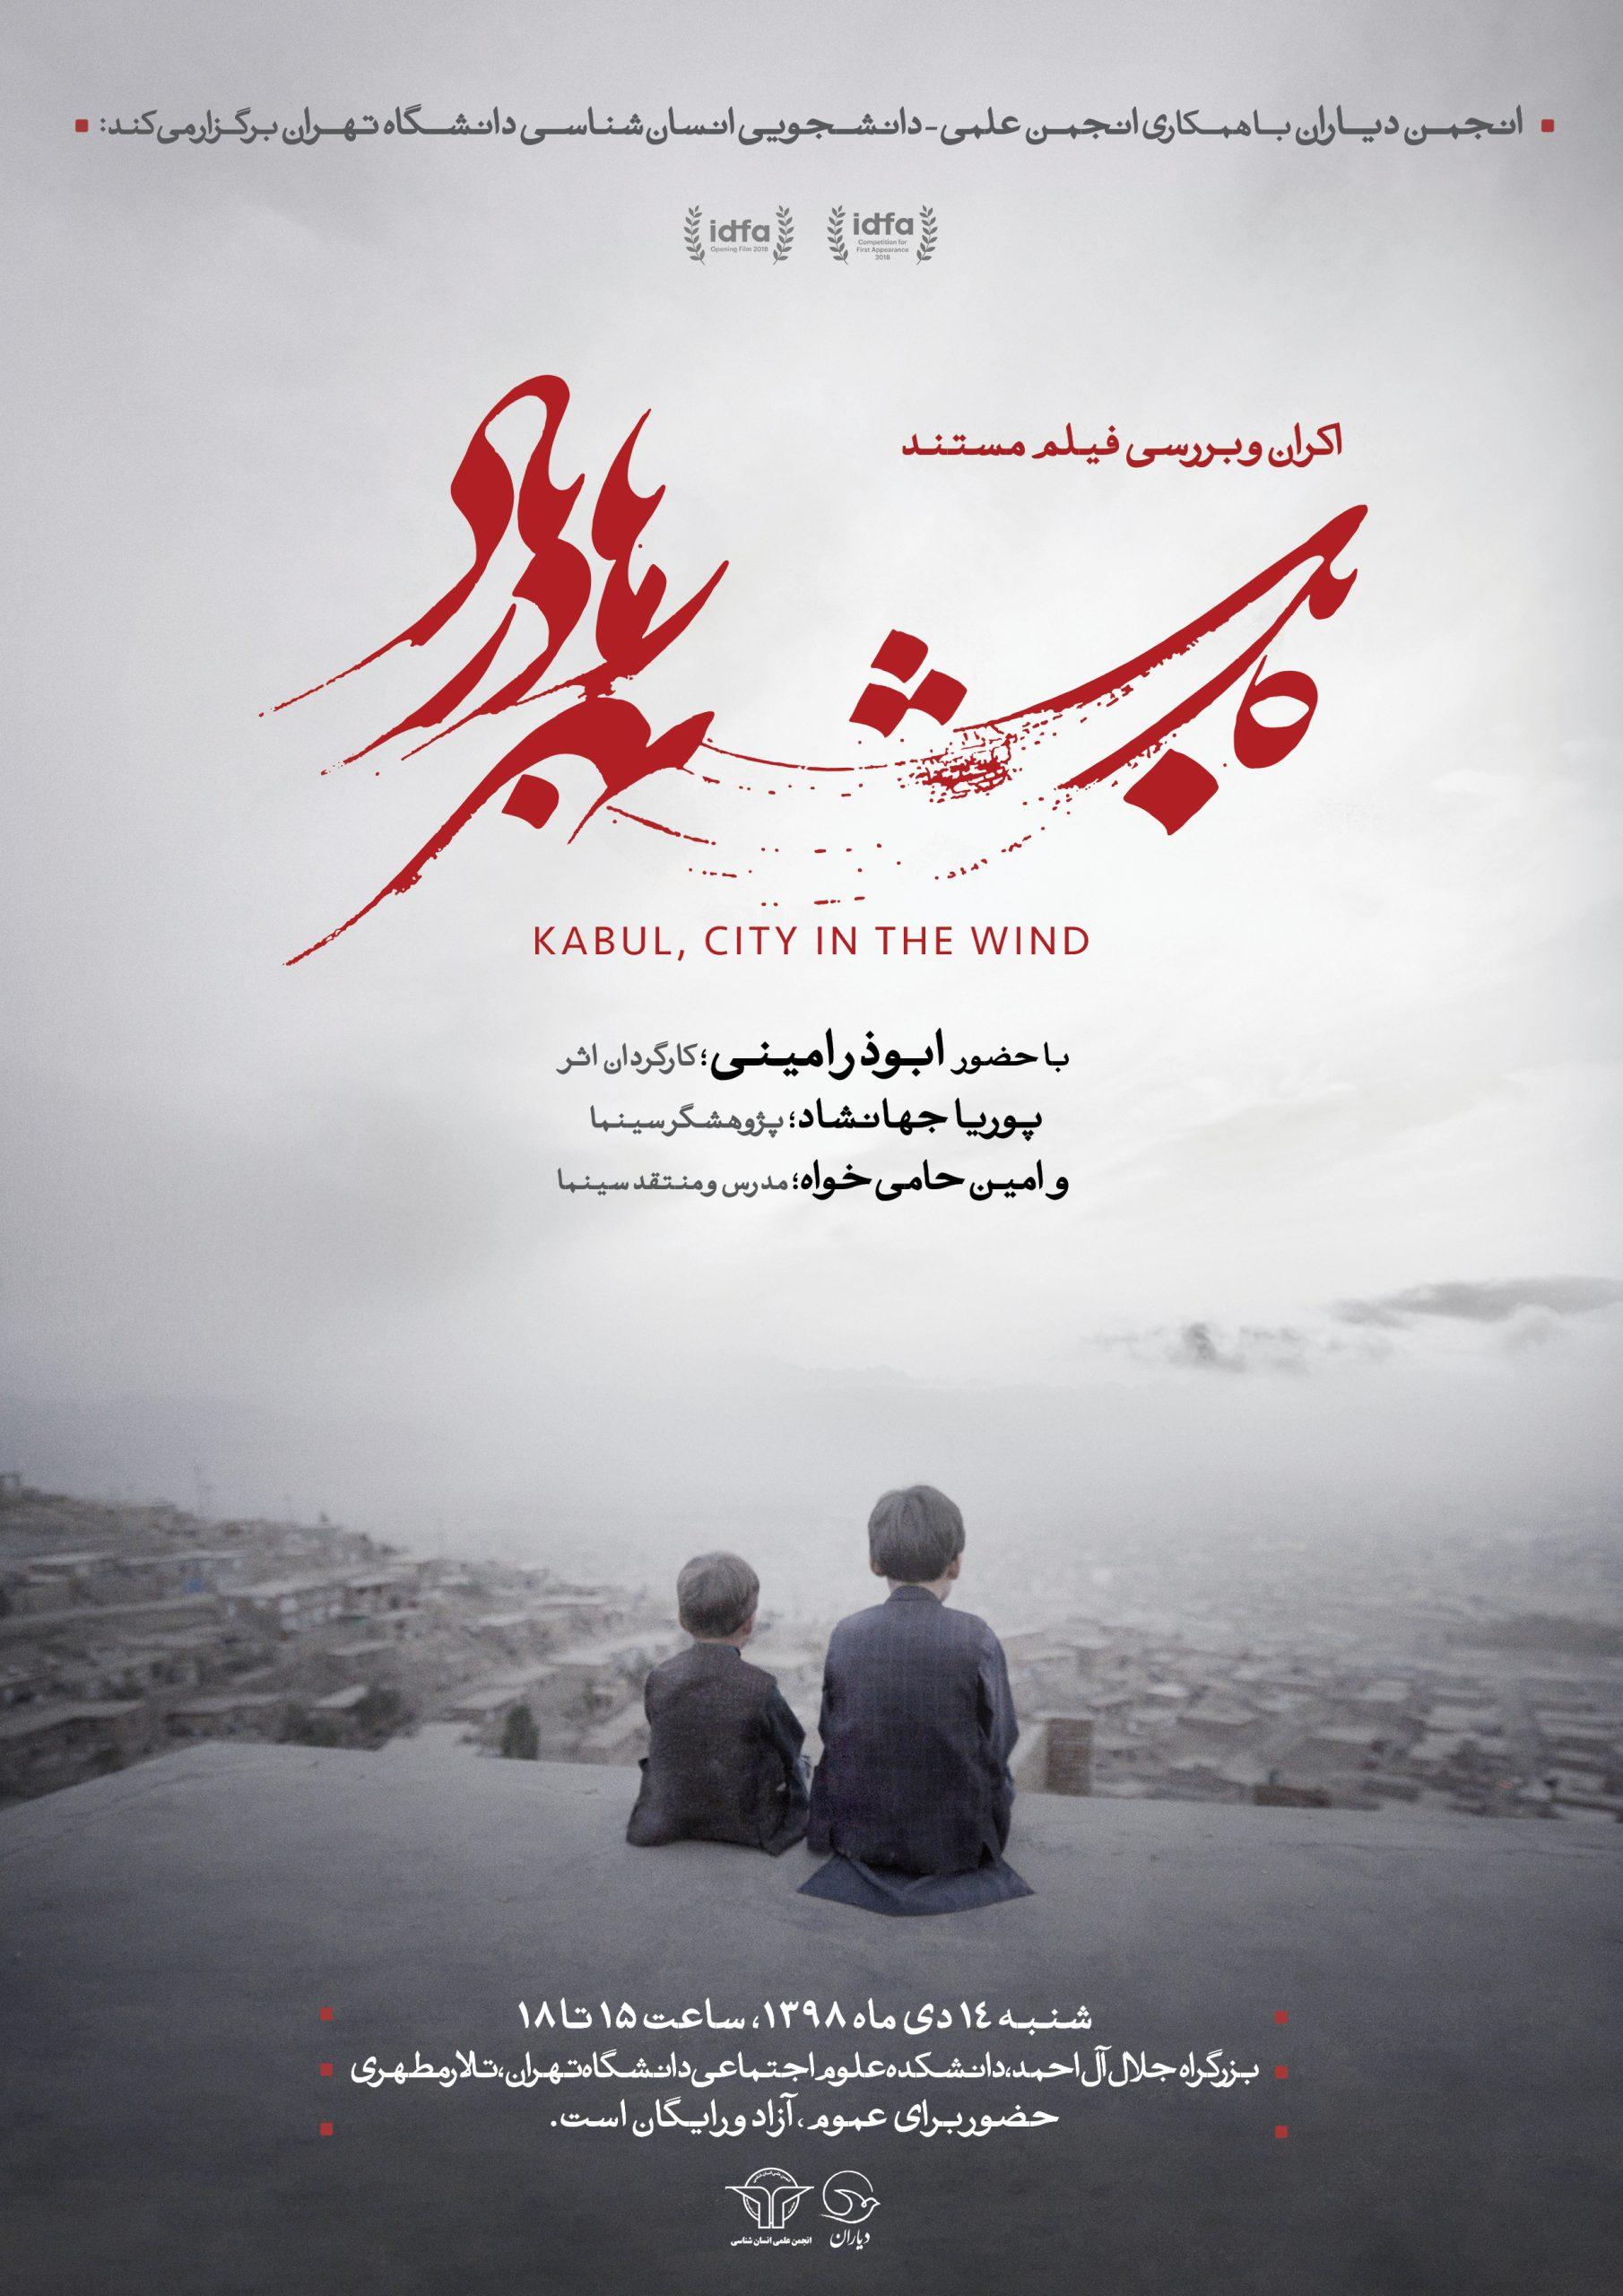 کابل شهری در باد